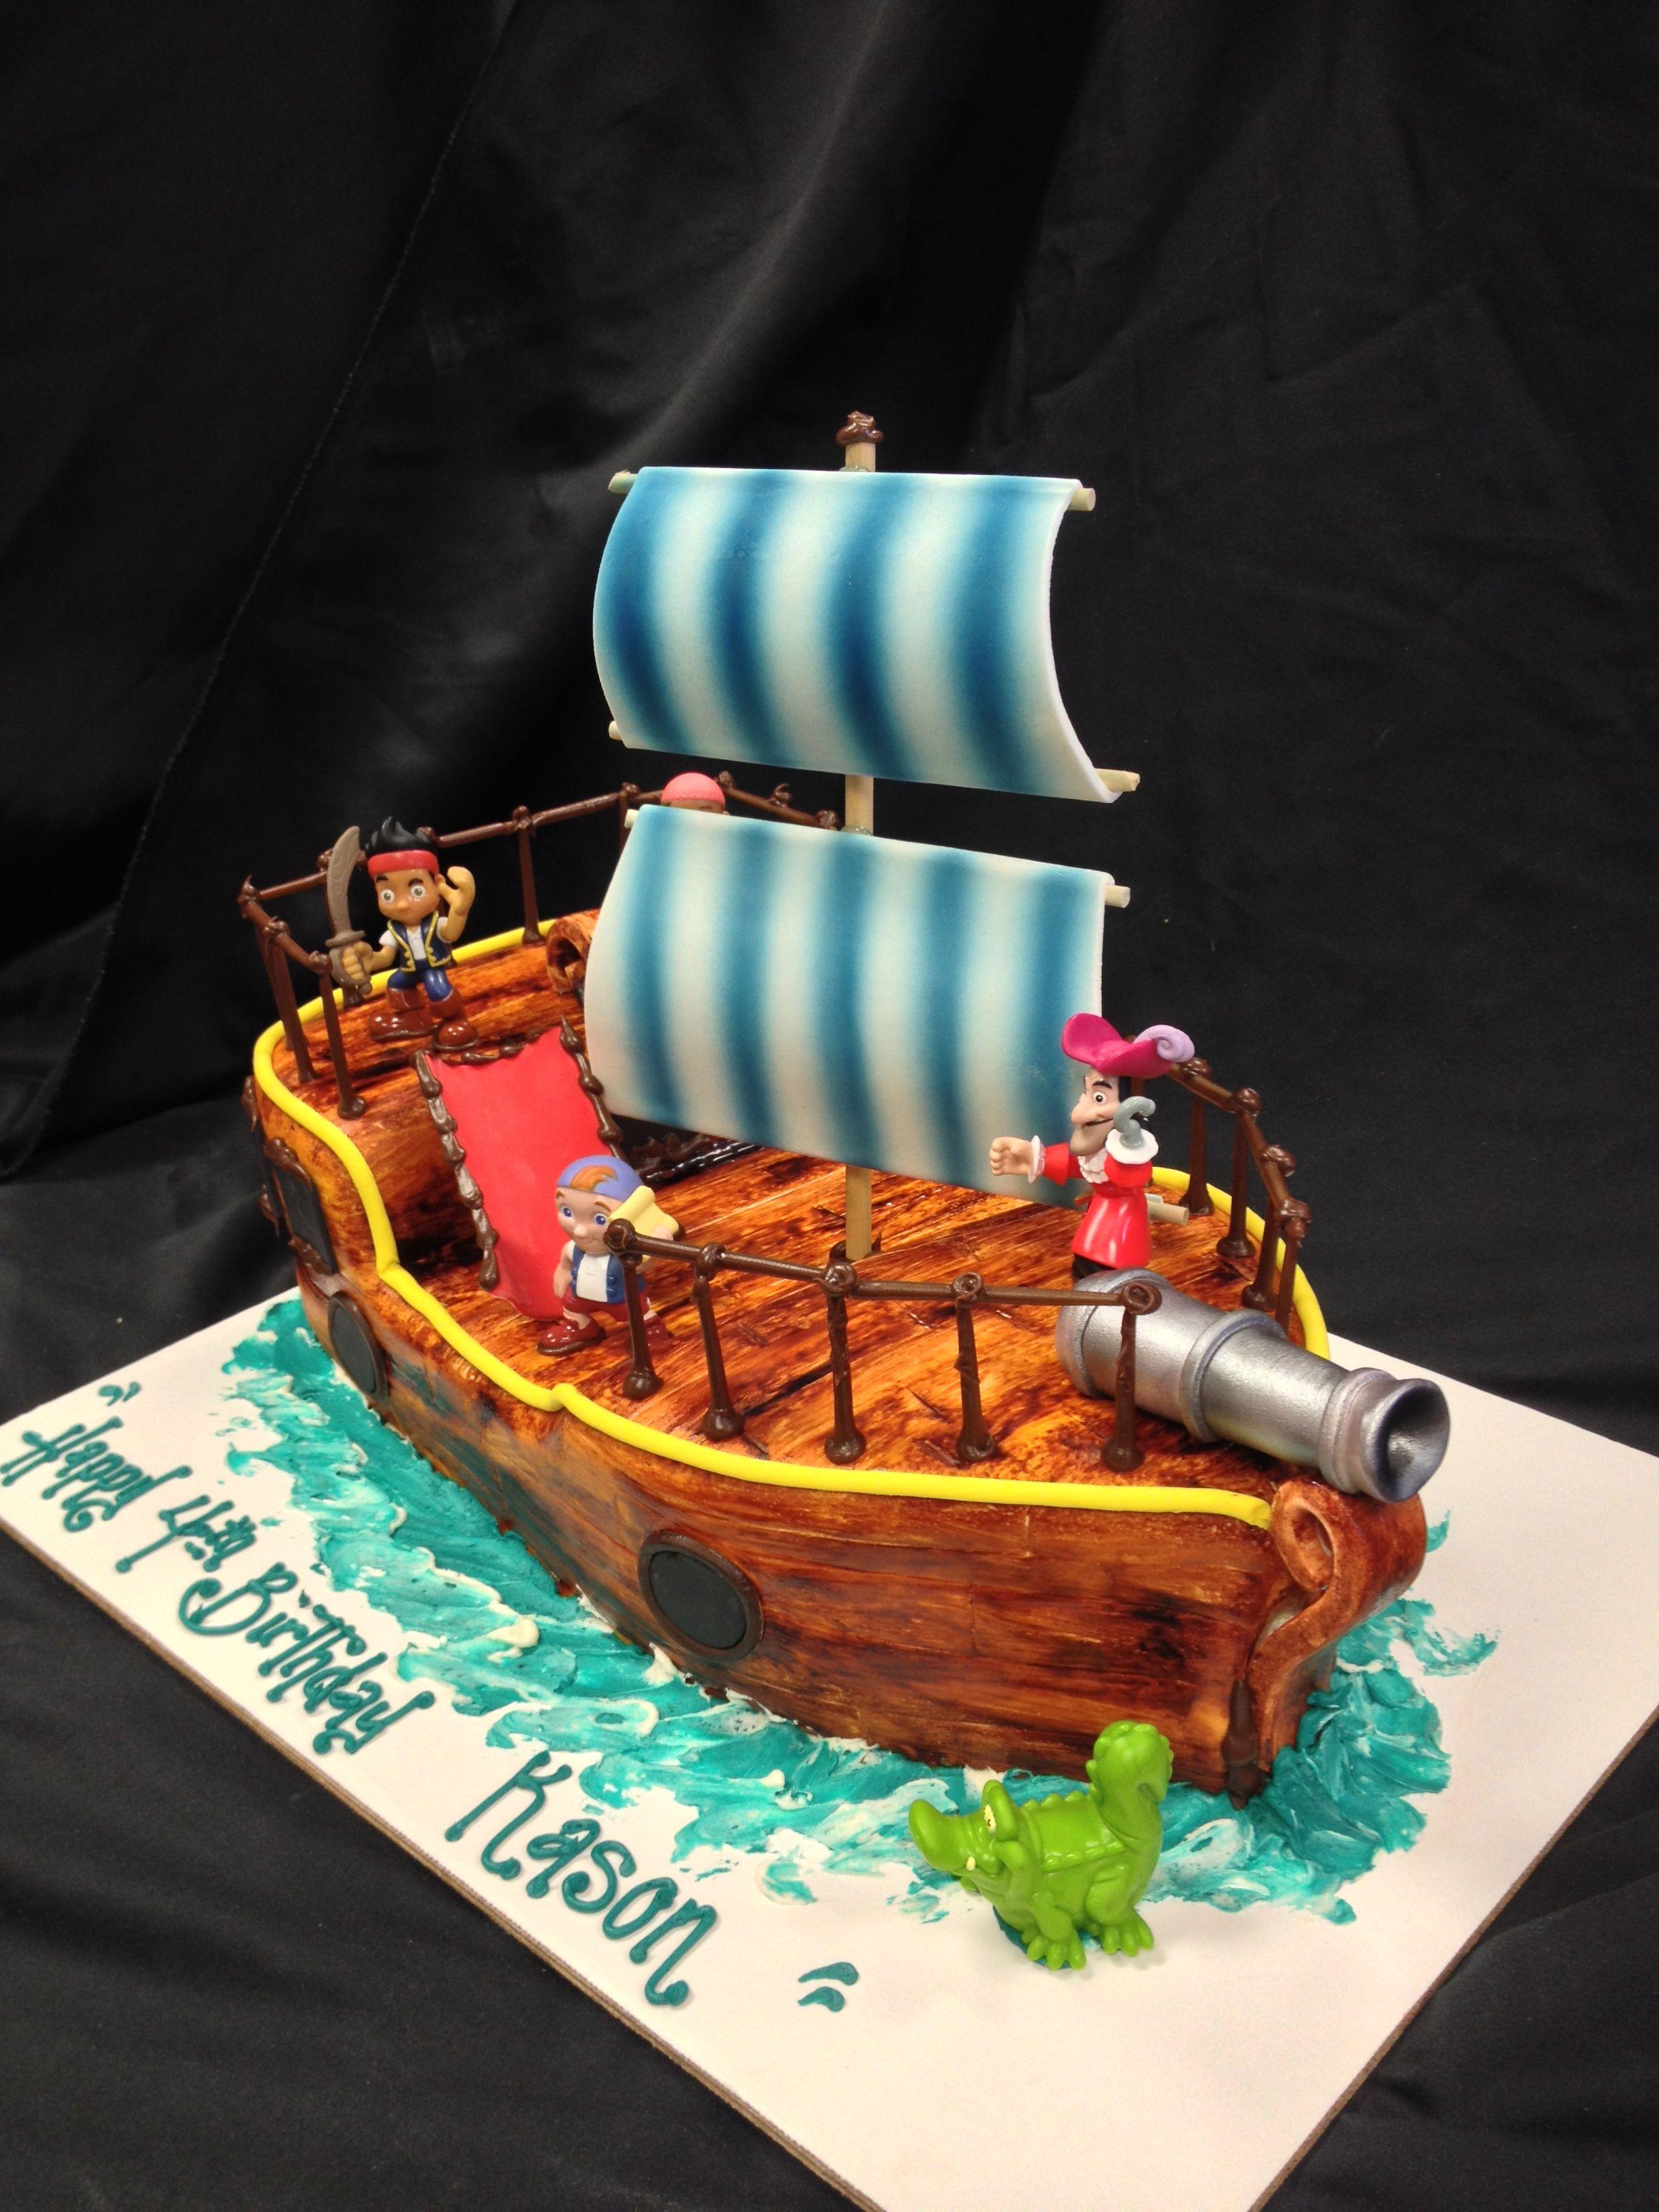 Jake and the neverland pirate ship cake birthday cake